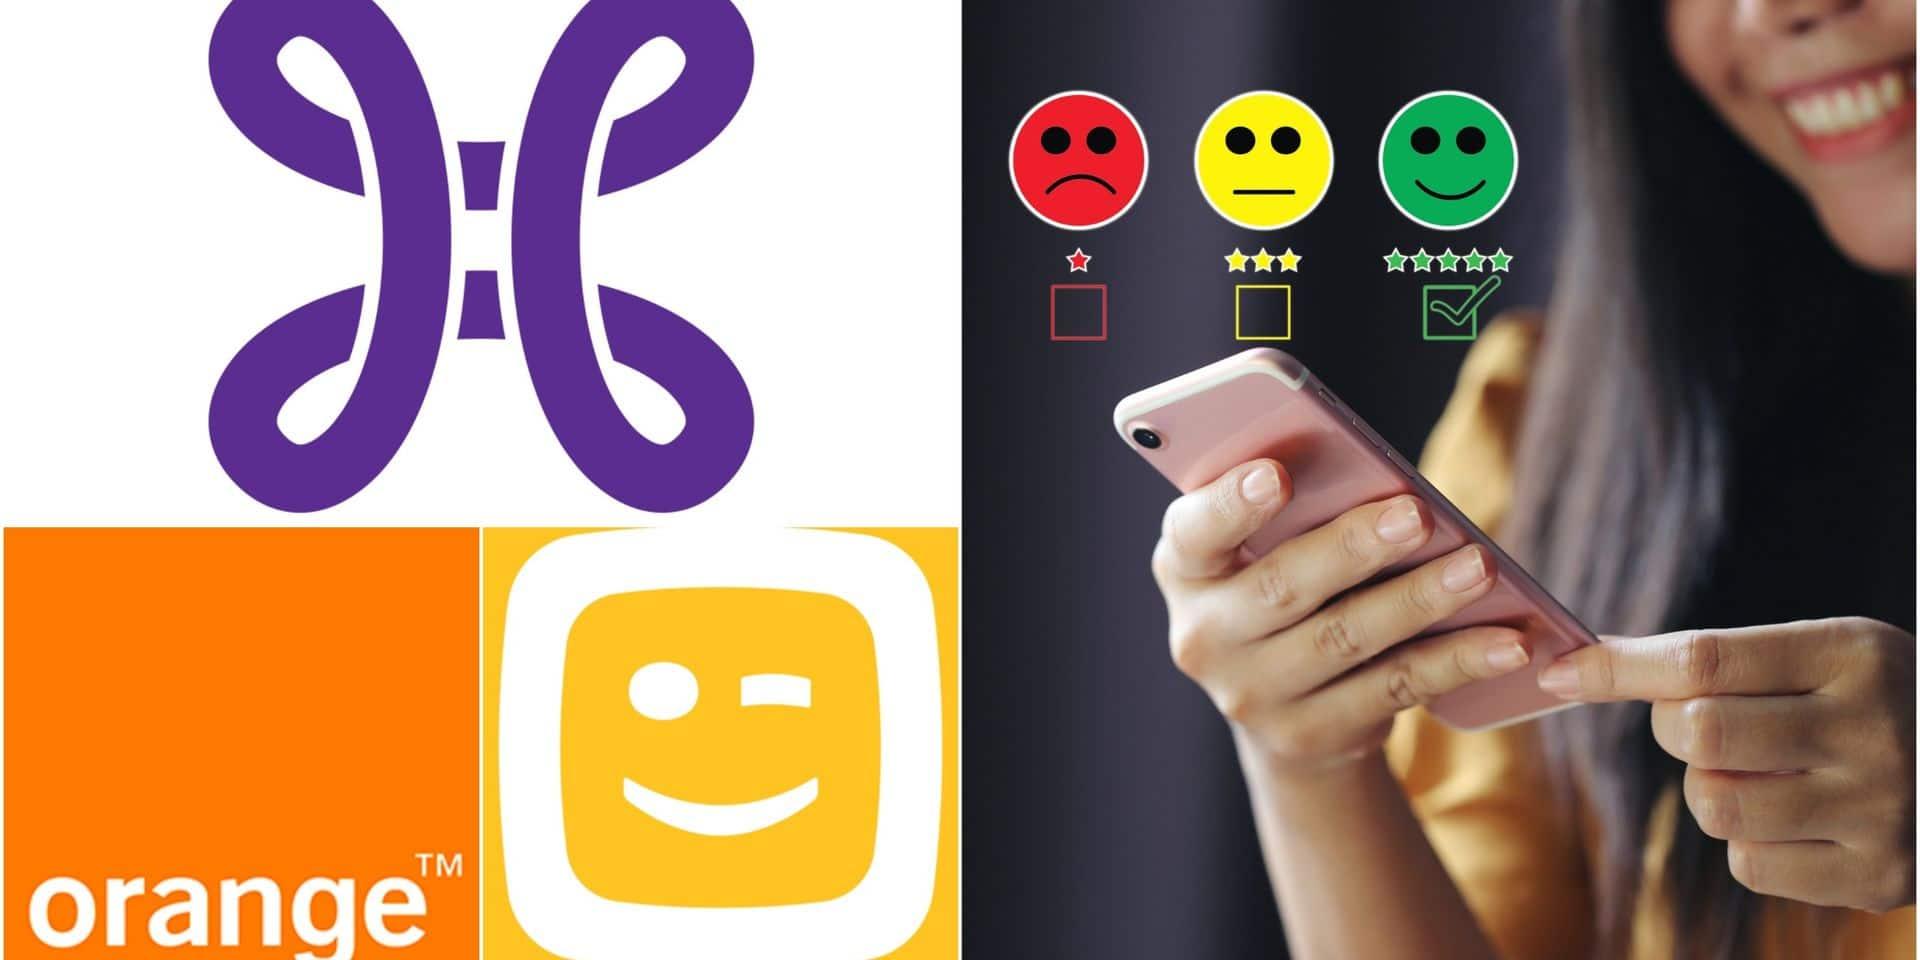 Qualité des réseaux mobiles en Belgique : Proximus toujours devant, Telenet/Base progresse